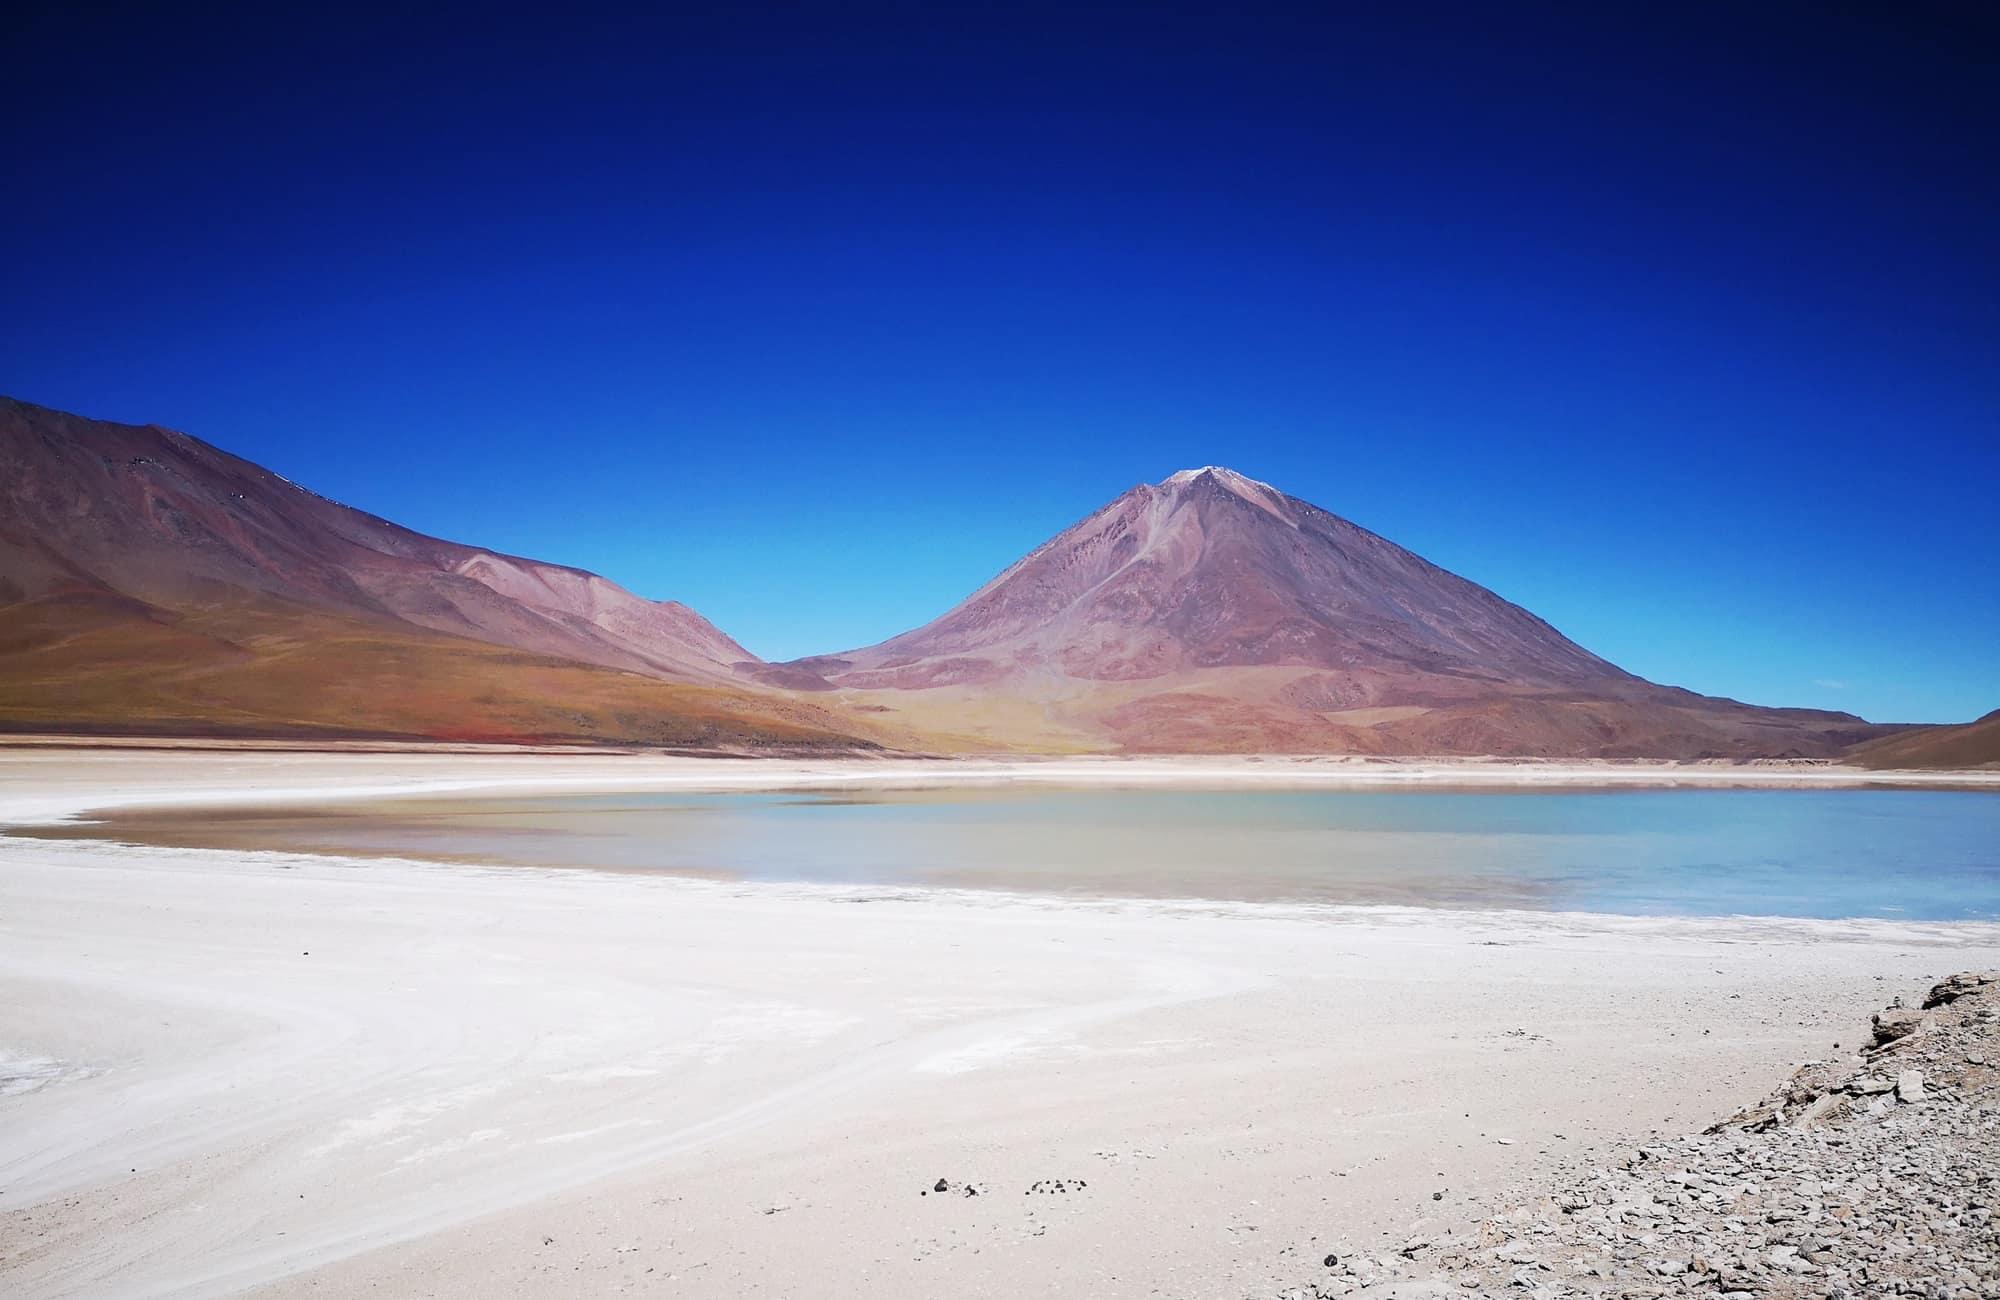 Tunupa, Licancabur ou Ollague : les volcans sont nombreux dans le Sud Lipez, trônant au dessus des lagunes colorées.